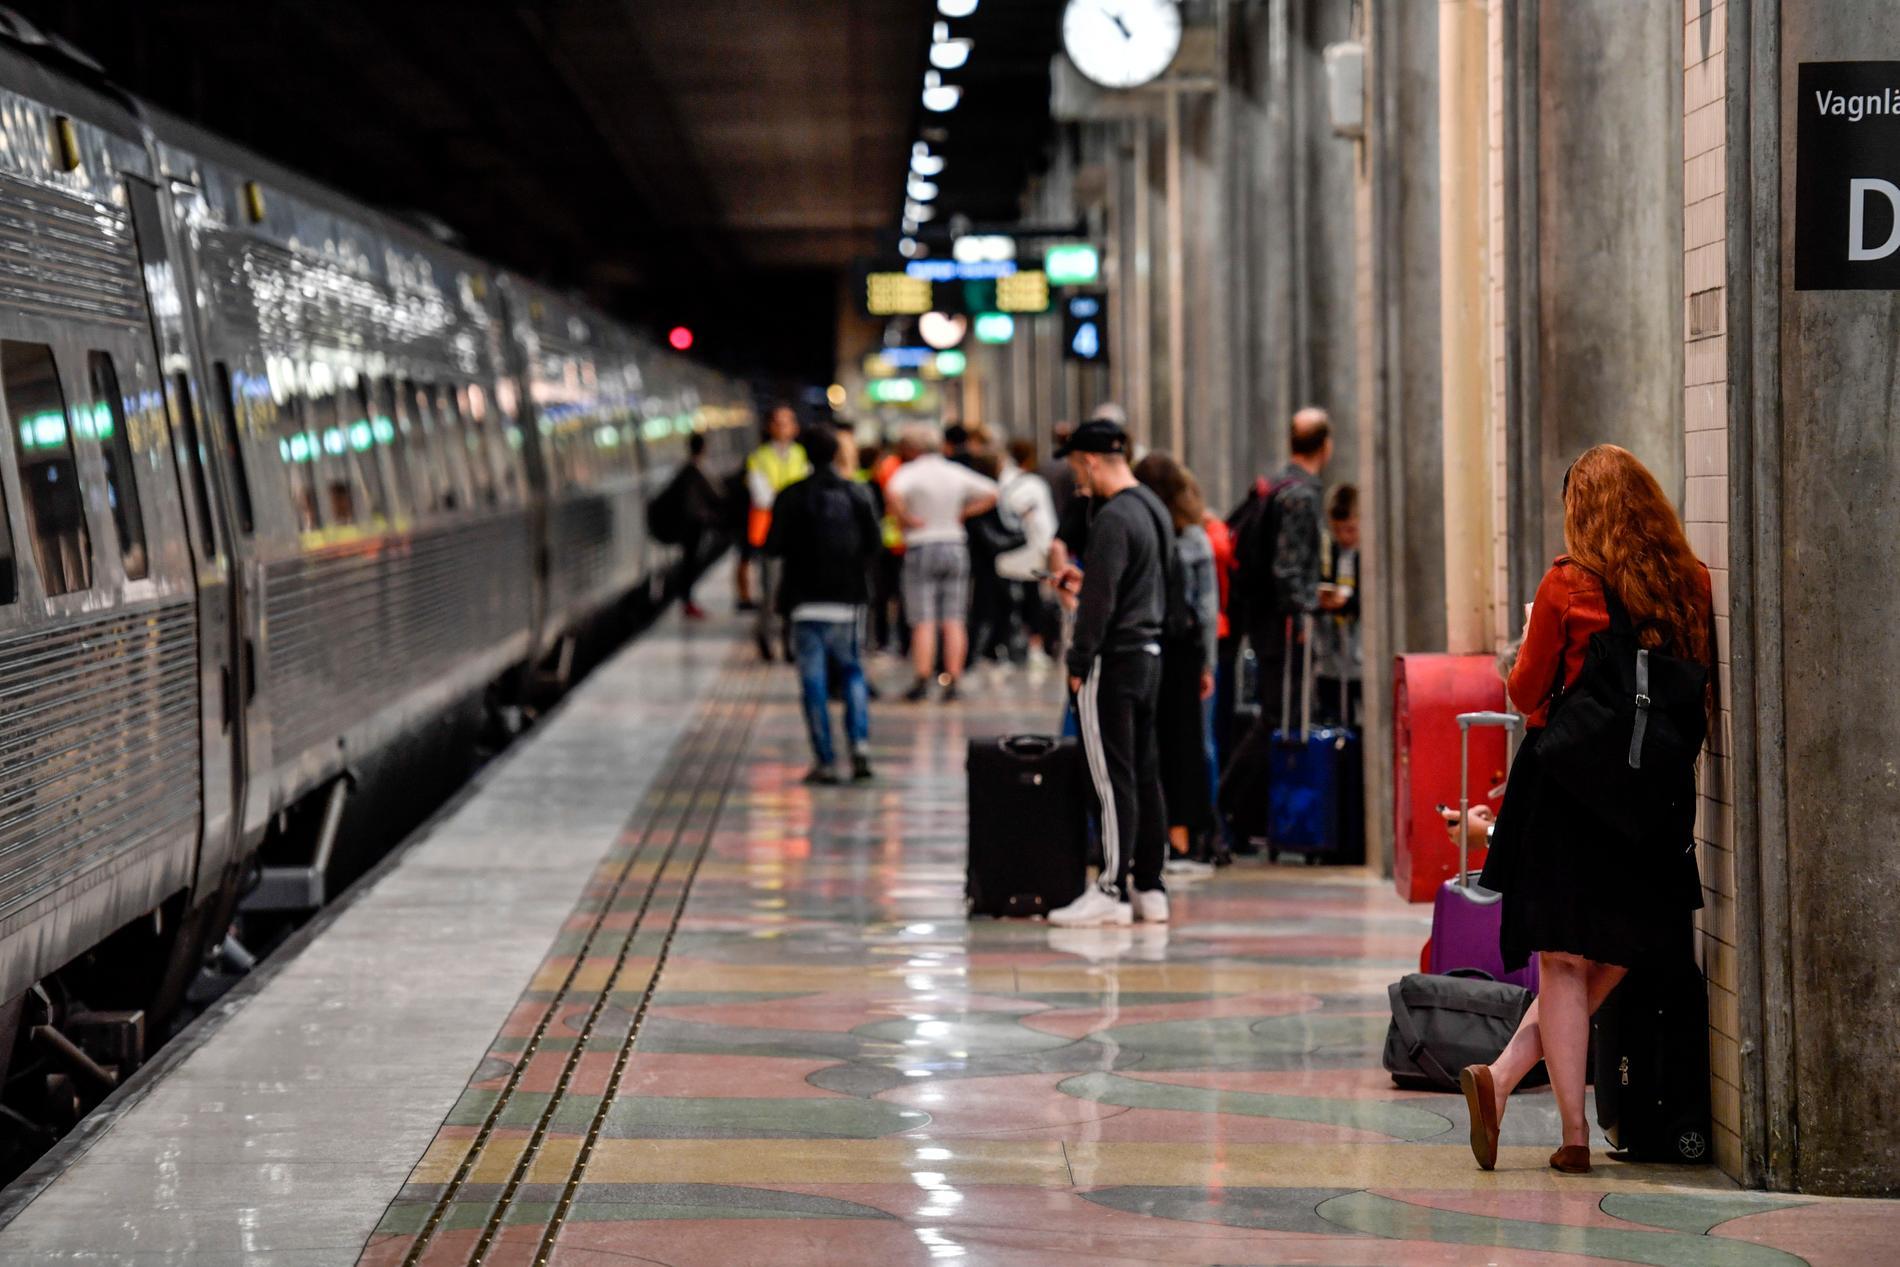 Ytterligare 12000 europeiska 18-åringar får nu chansen att åka tåg på EU:s bekostnad. Arkivbild.